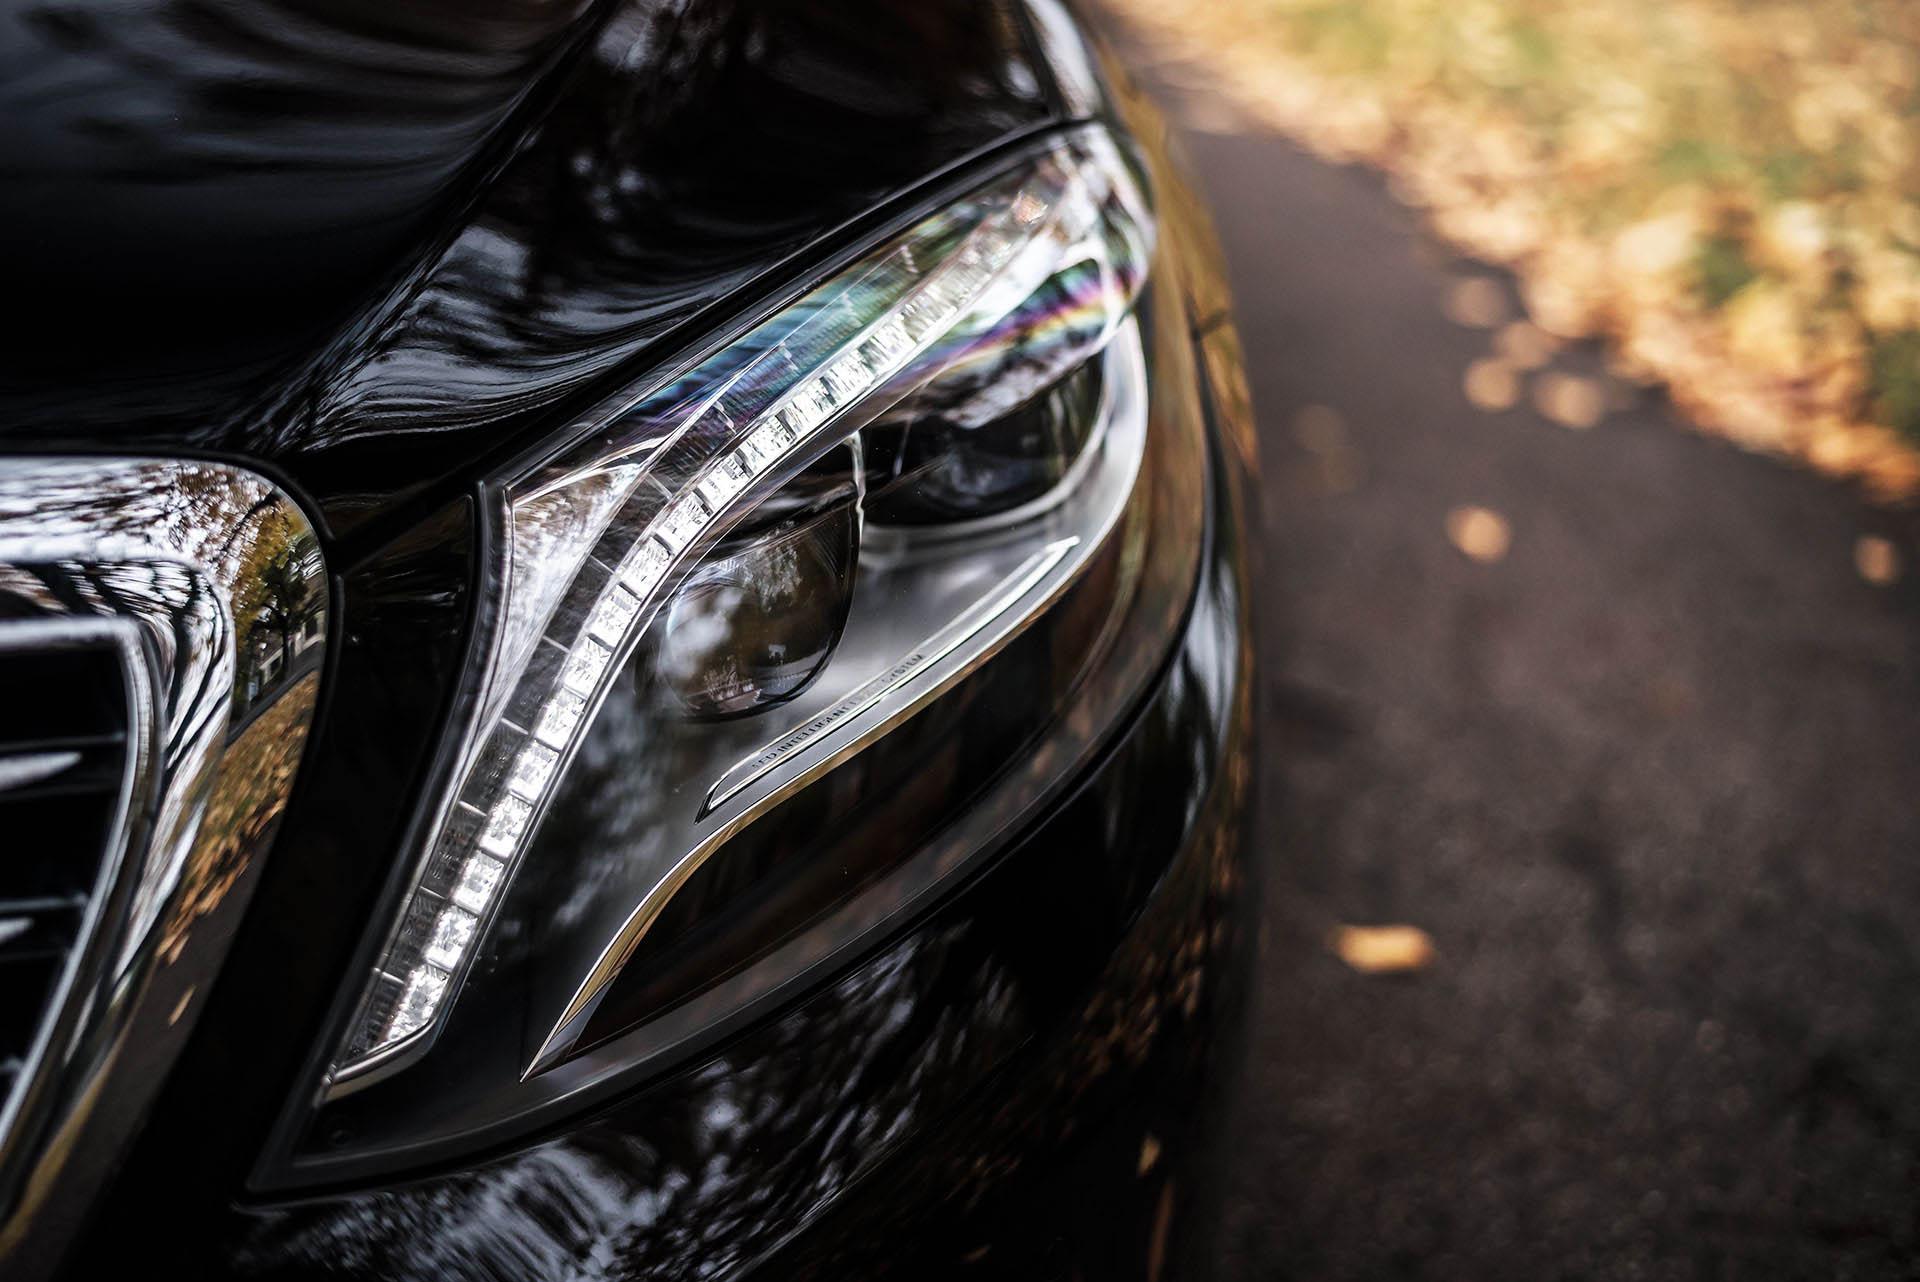 B+K_Sportwagen_Rheinland_GmbH_Mercedes_Benz_Sklasse_500_schwarz_18